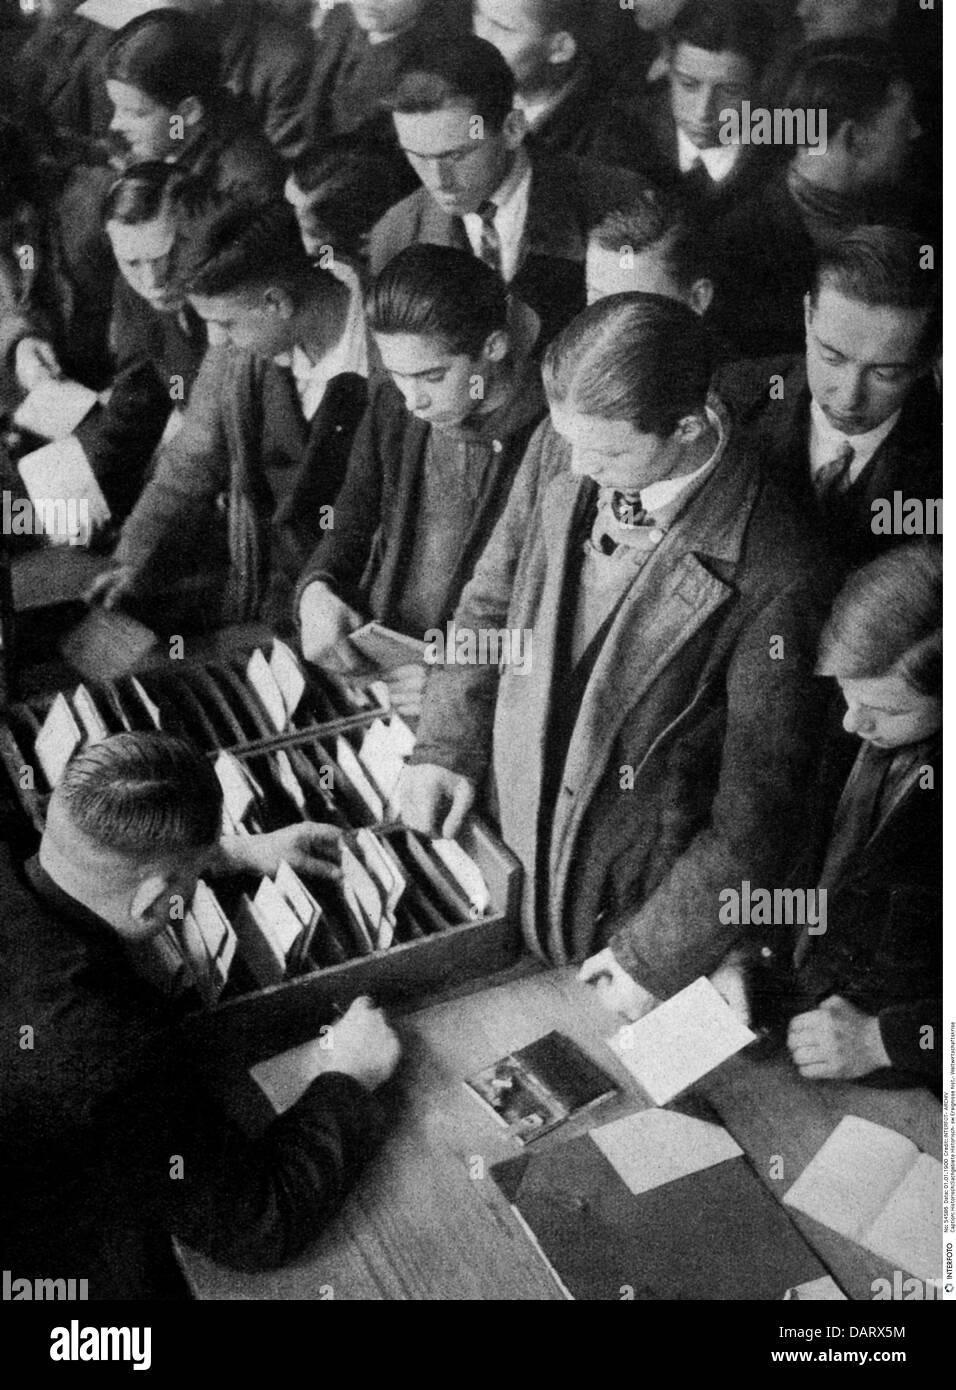 Eventi, Grande Depressione 1929 - 1933, la disoccupazione, i giovani uomini in Job Center, dopo la fotografia, circa Immagini Stock